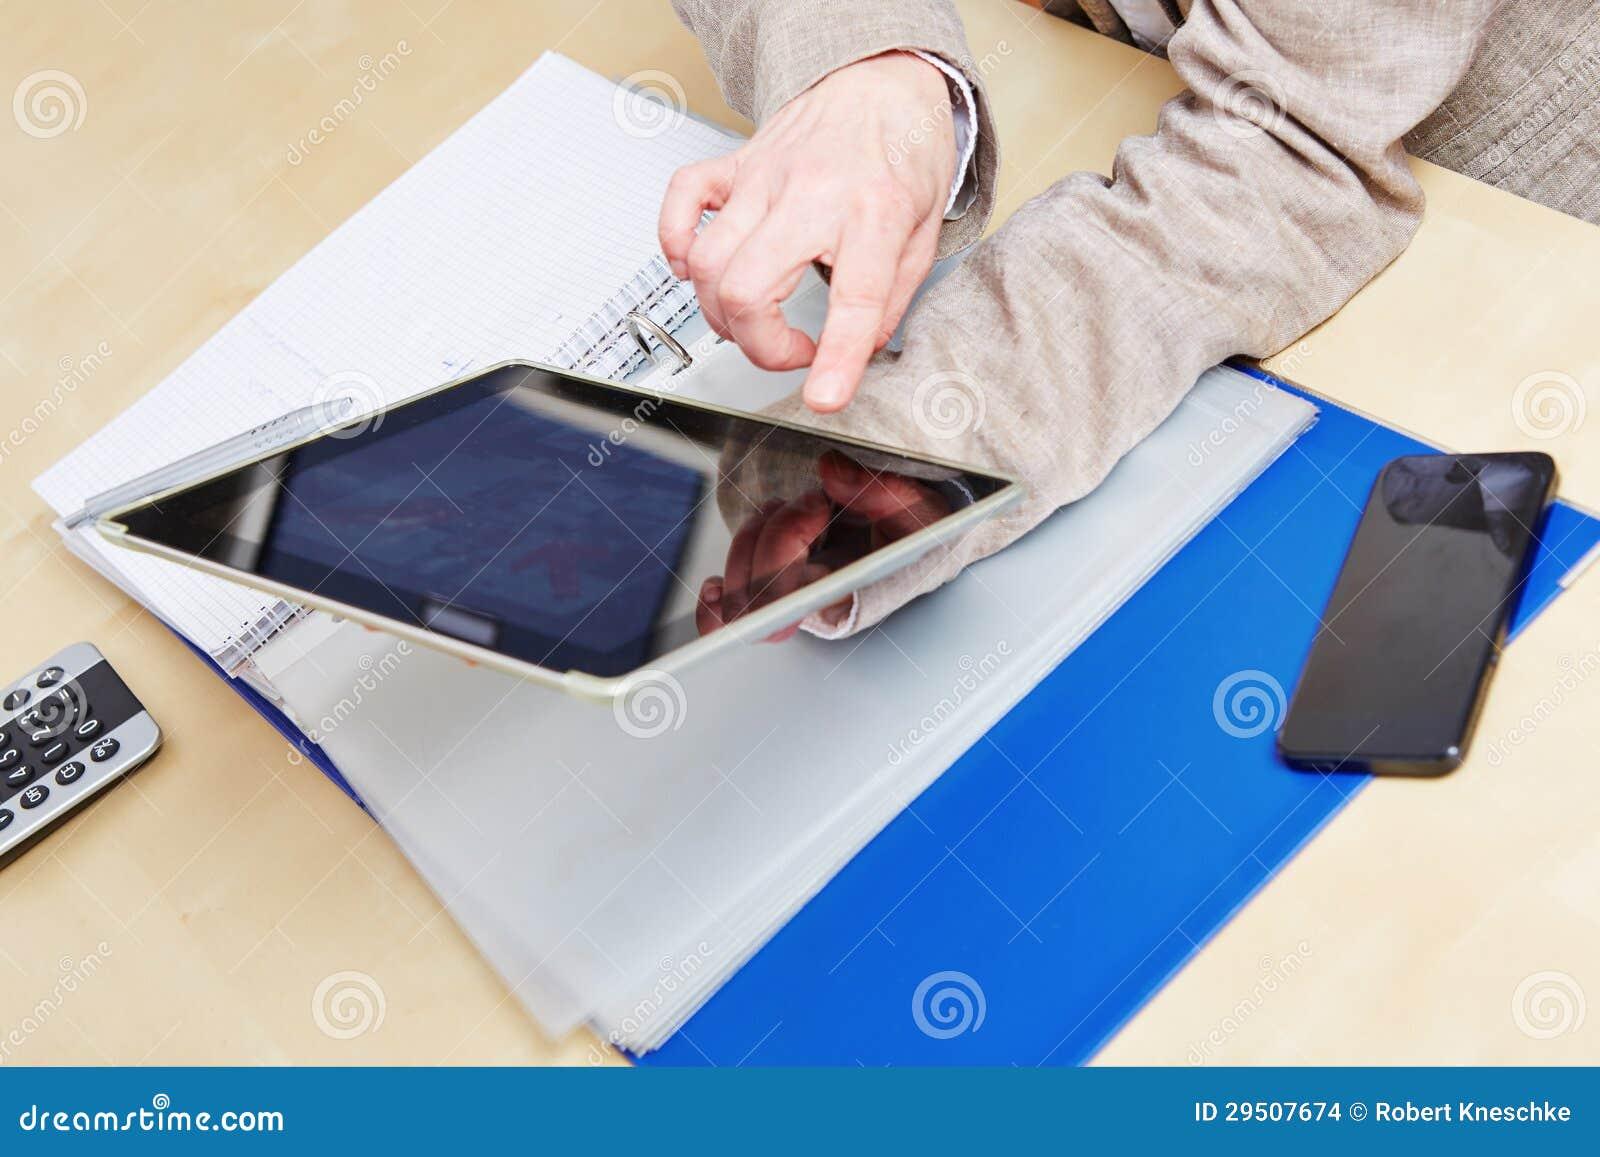 Vinger op touchscreen van tabletPC